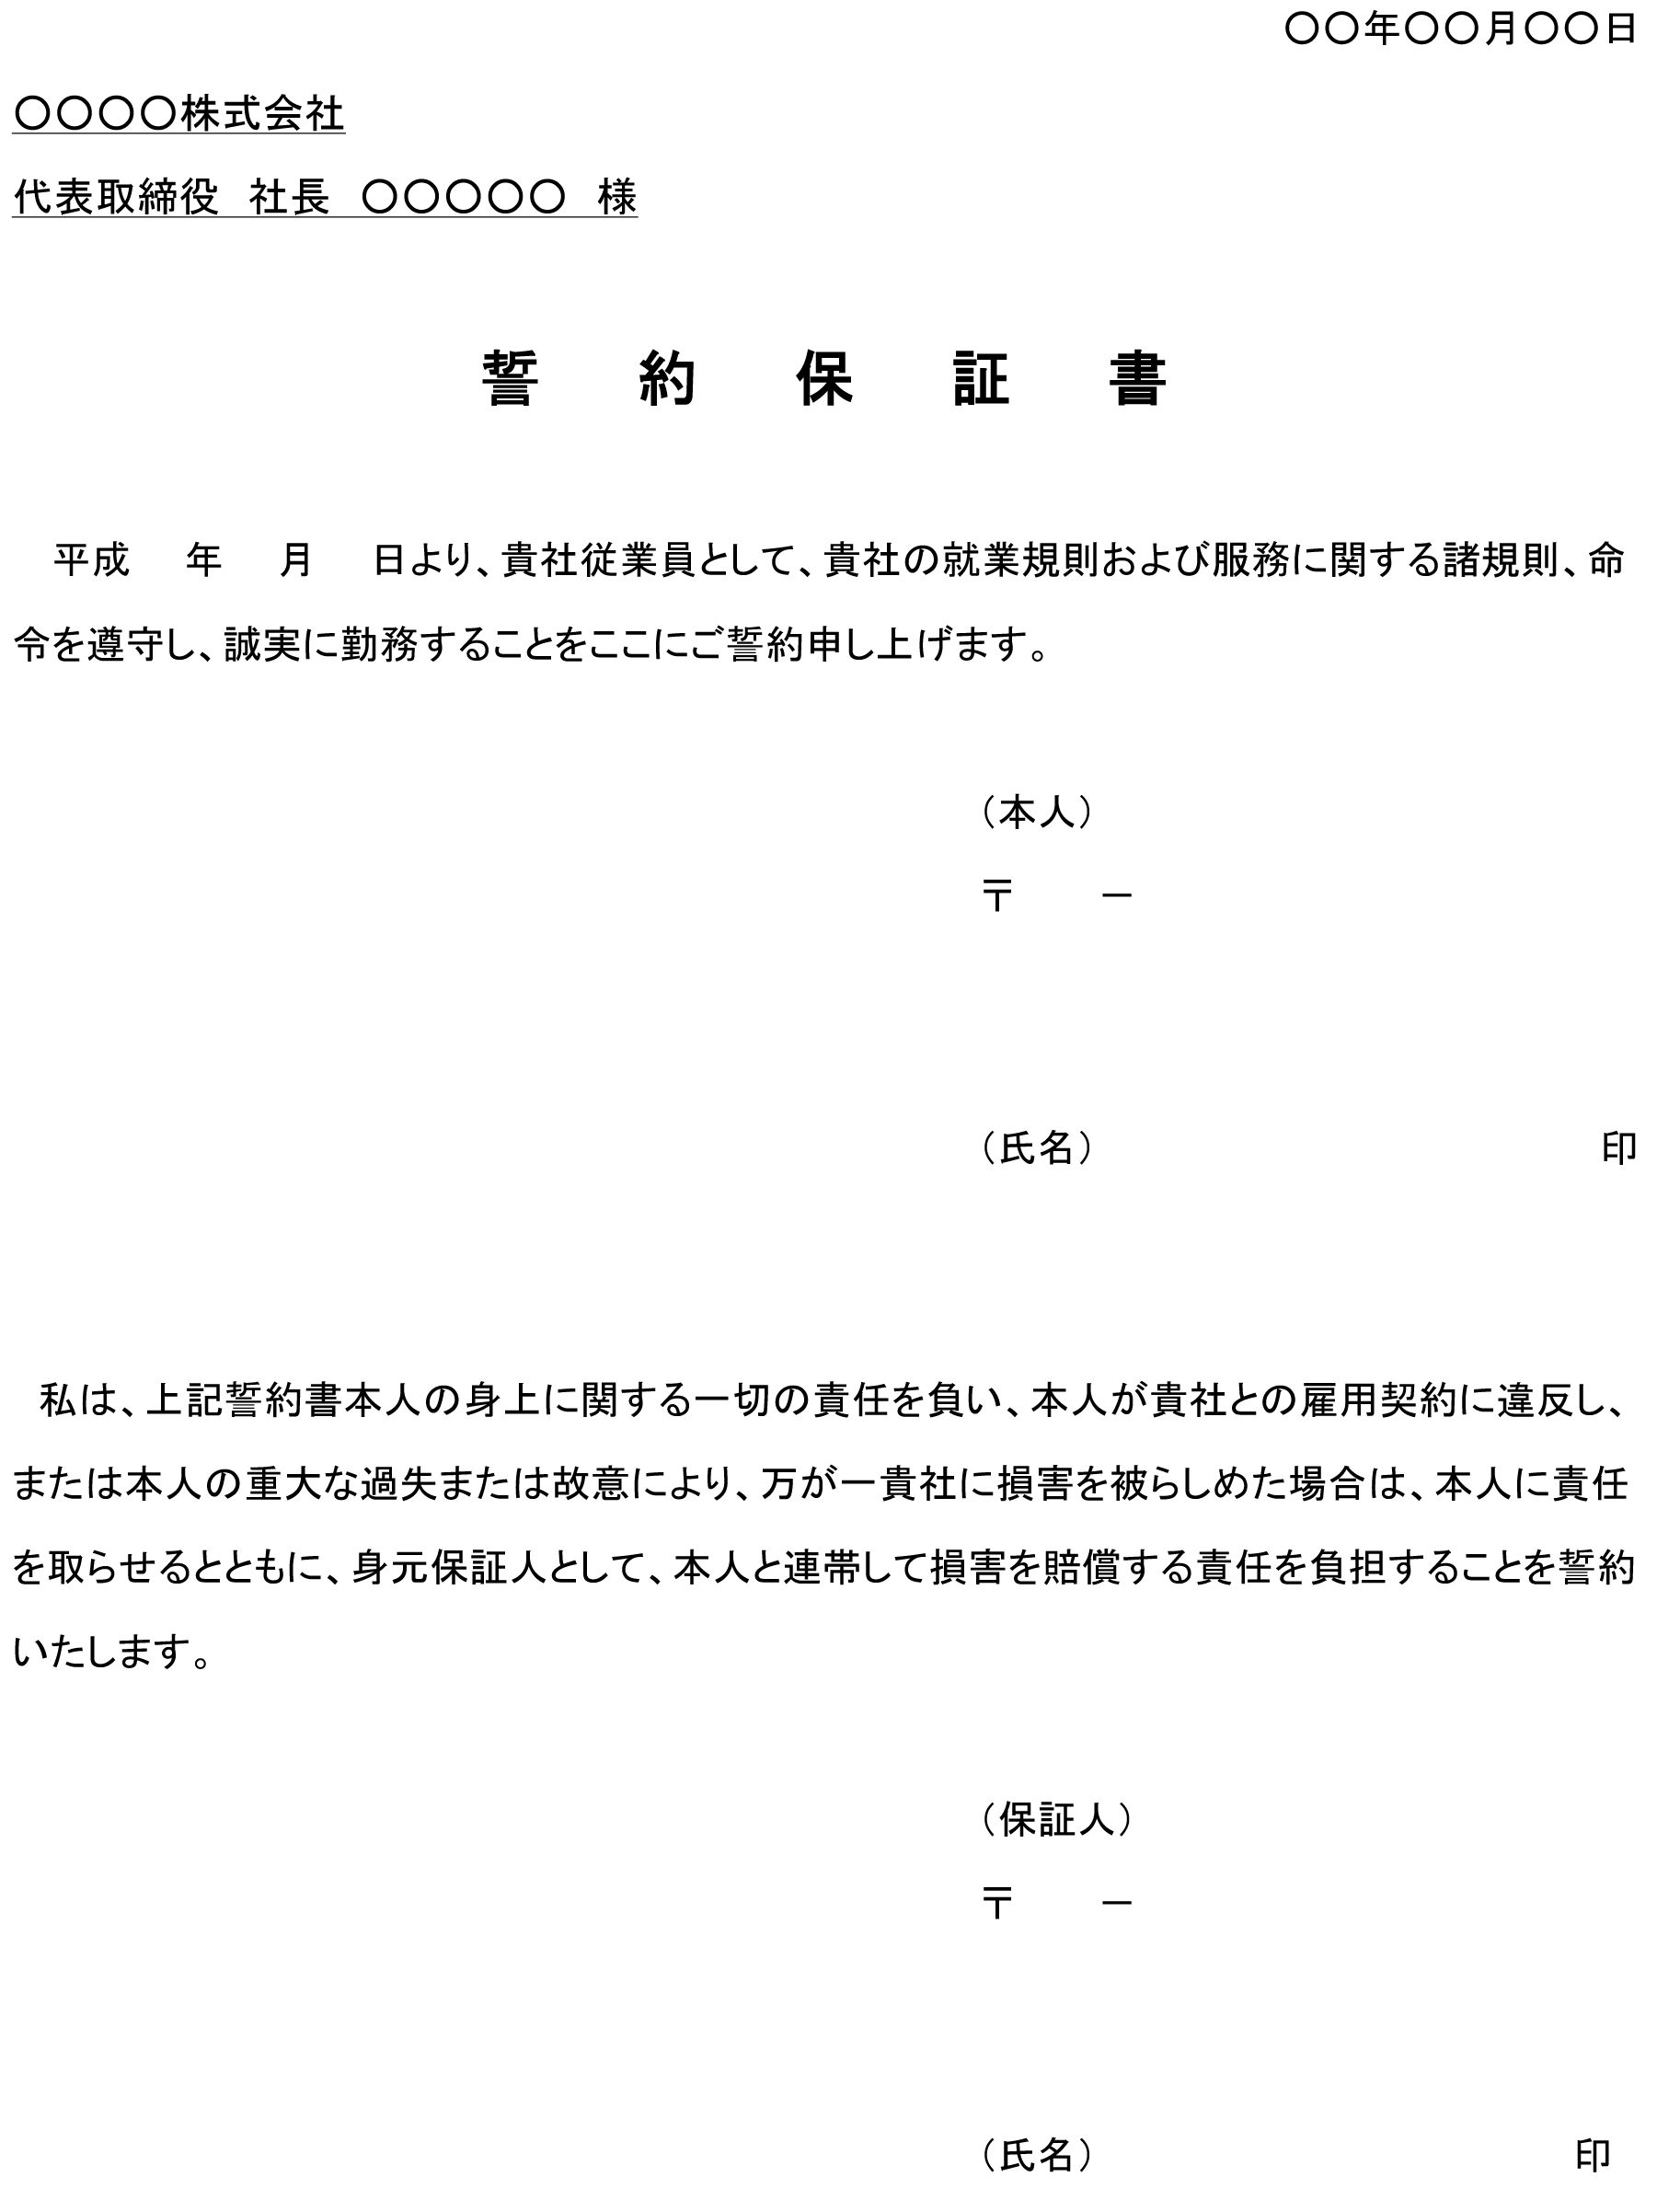 誓約保証書01